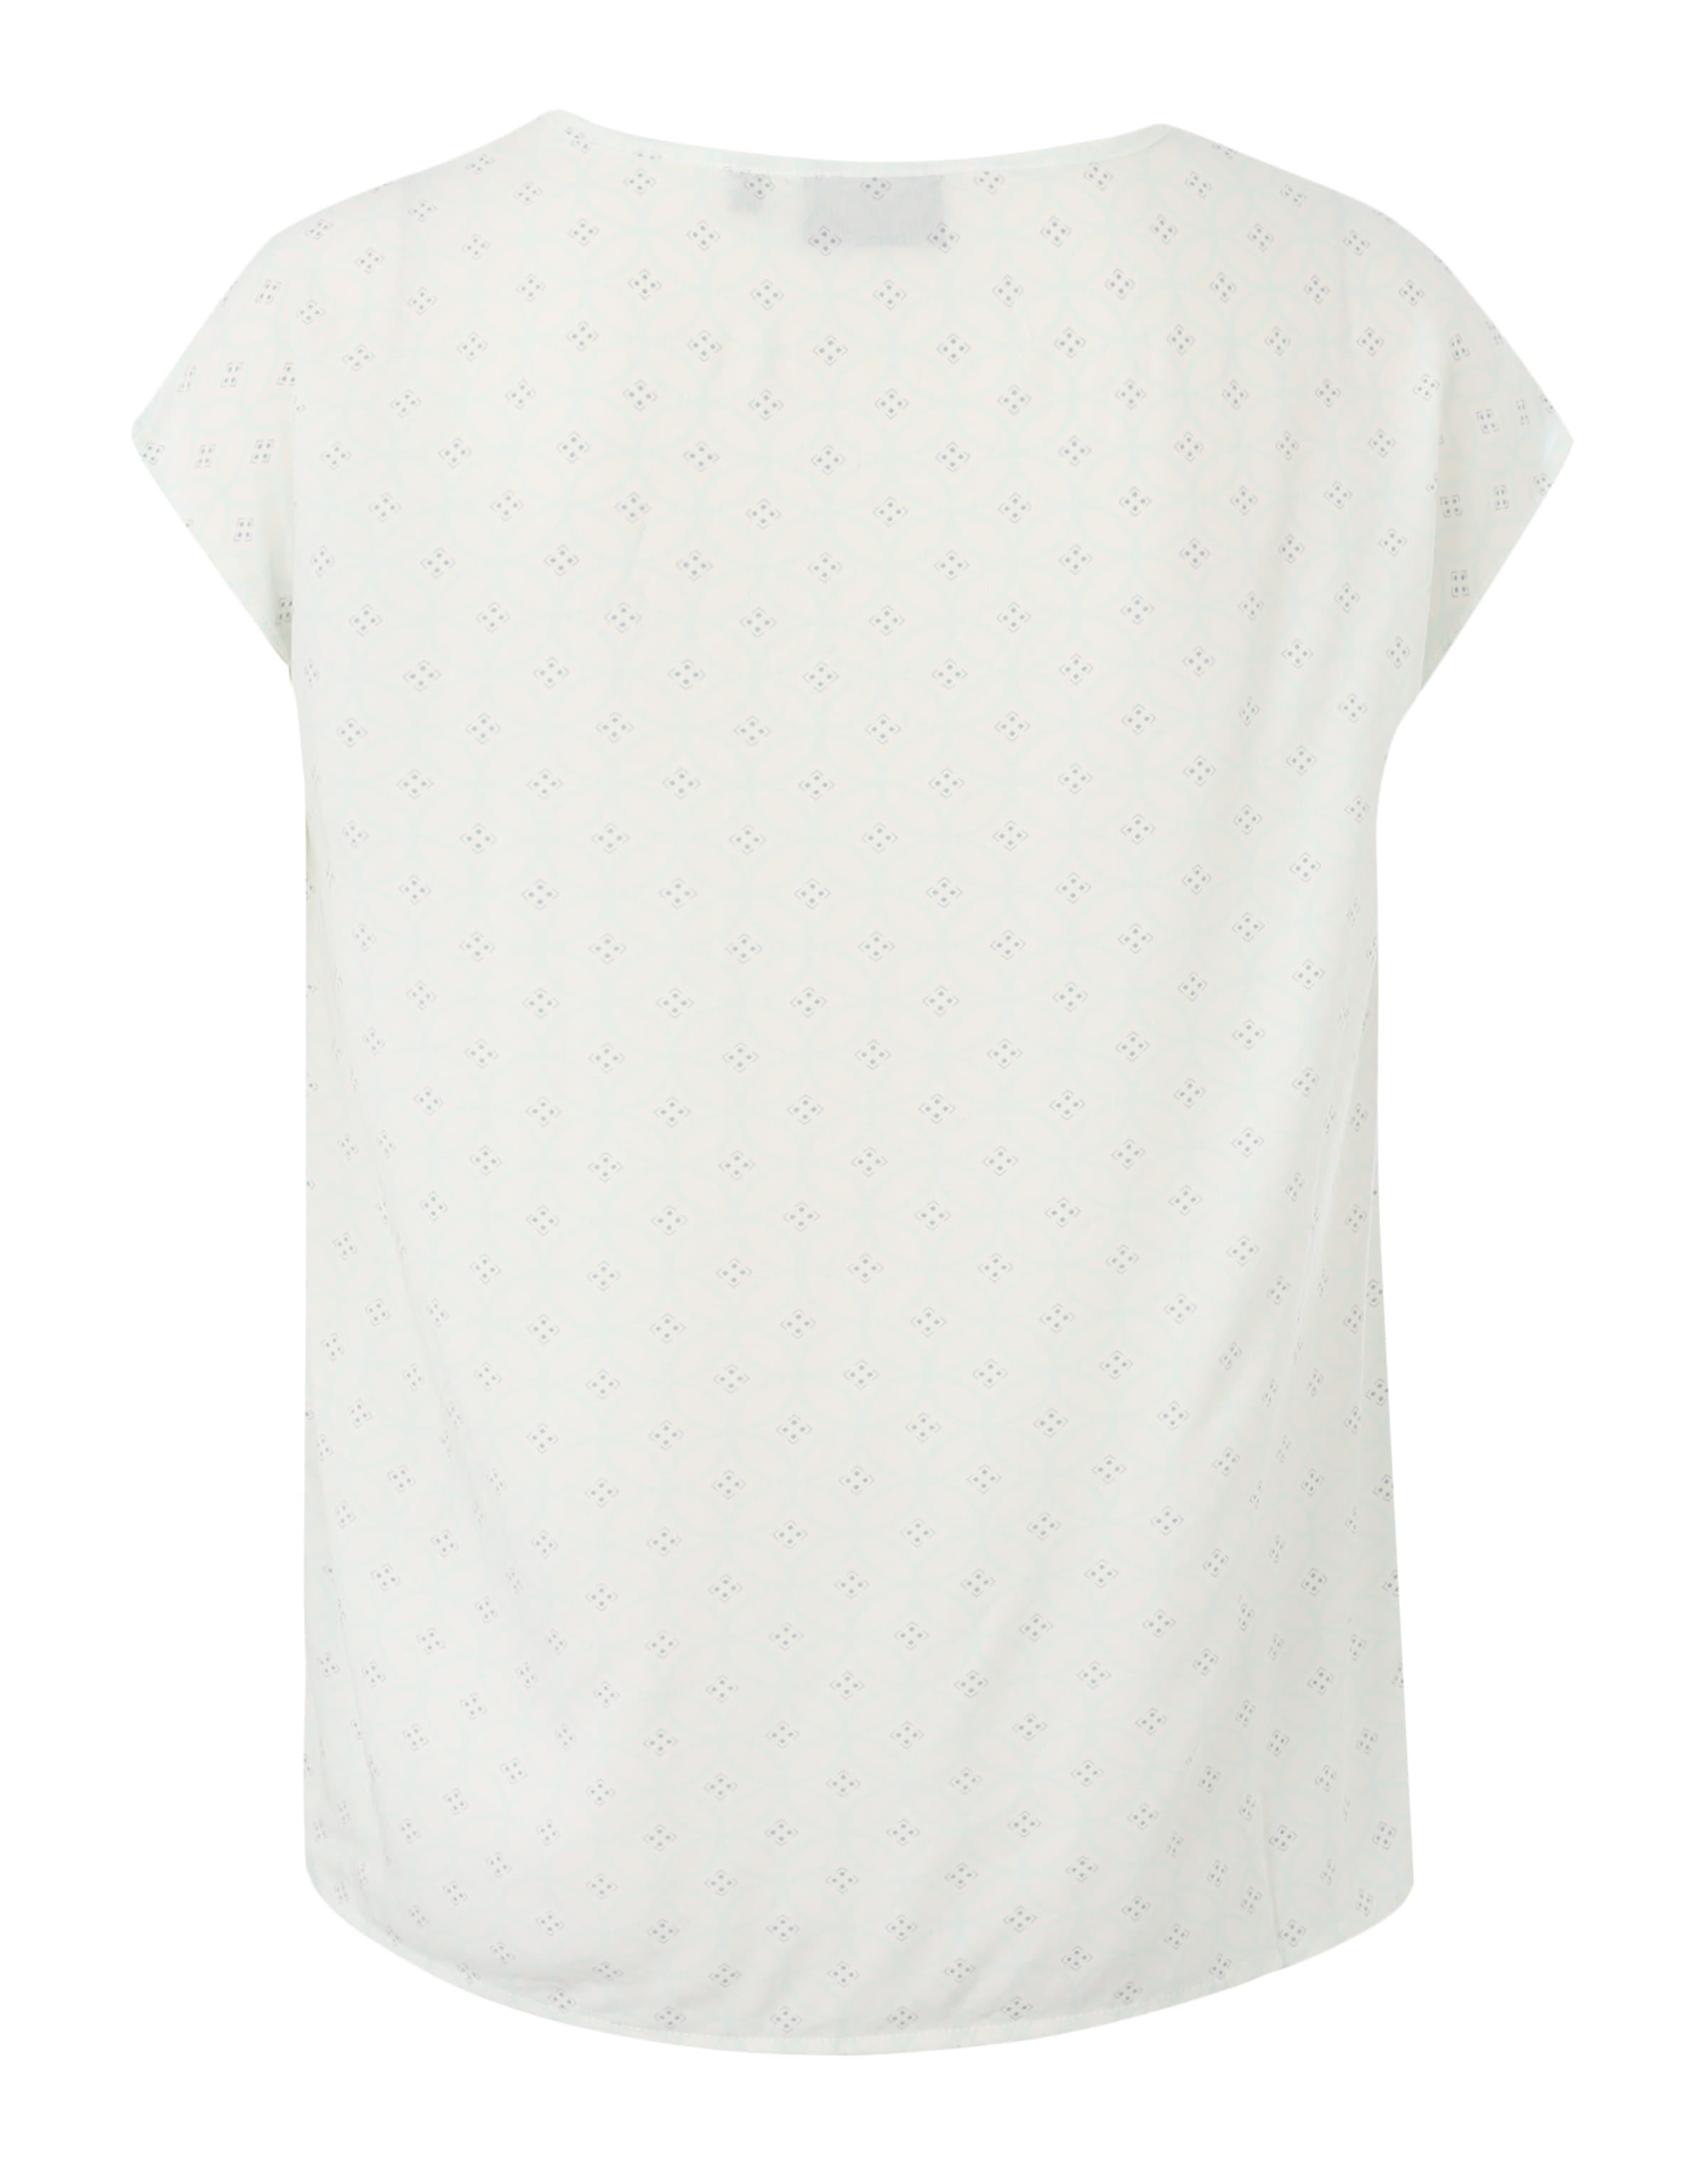 Outlet Große Überraschung BROADWAY NYC FASHION Lockere Bluse 'Cirie' Limited Edition Günstig Online Freies Verschiffen Der Niedrige Preis Versandgebühr Freies Verschiffen Rabatt 9TMmEOHzEg